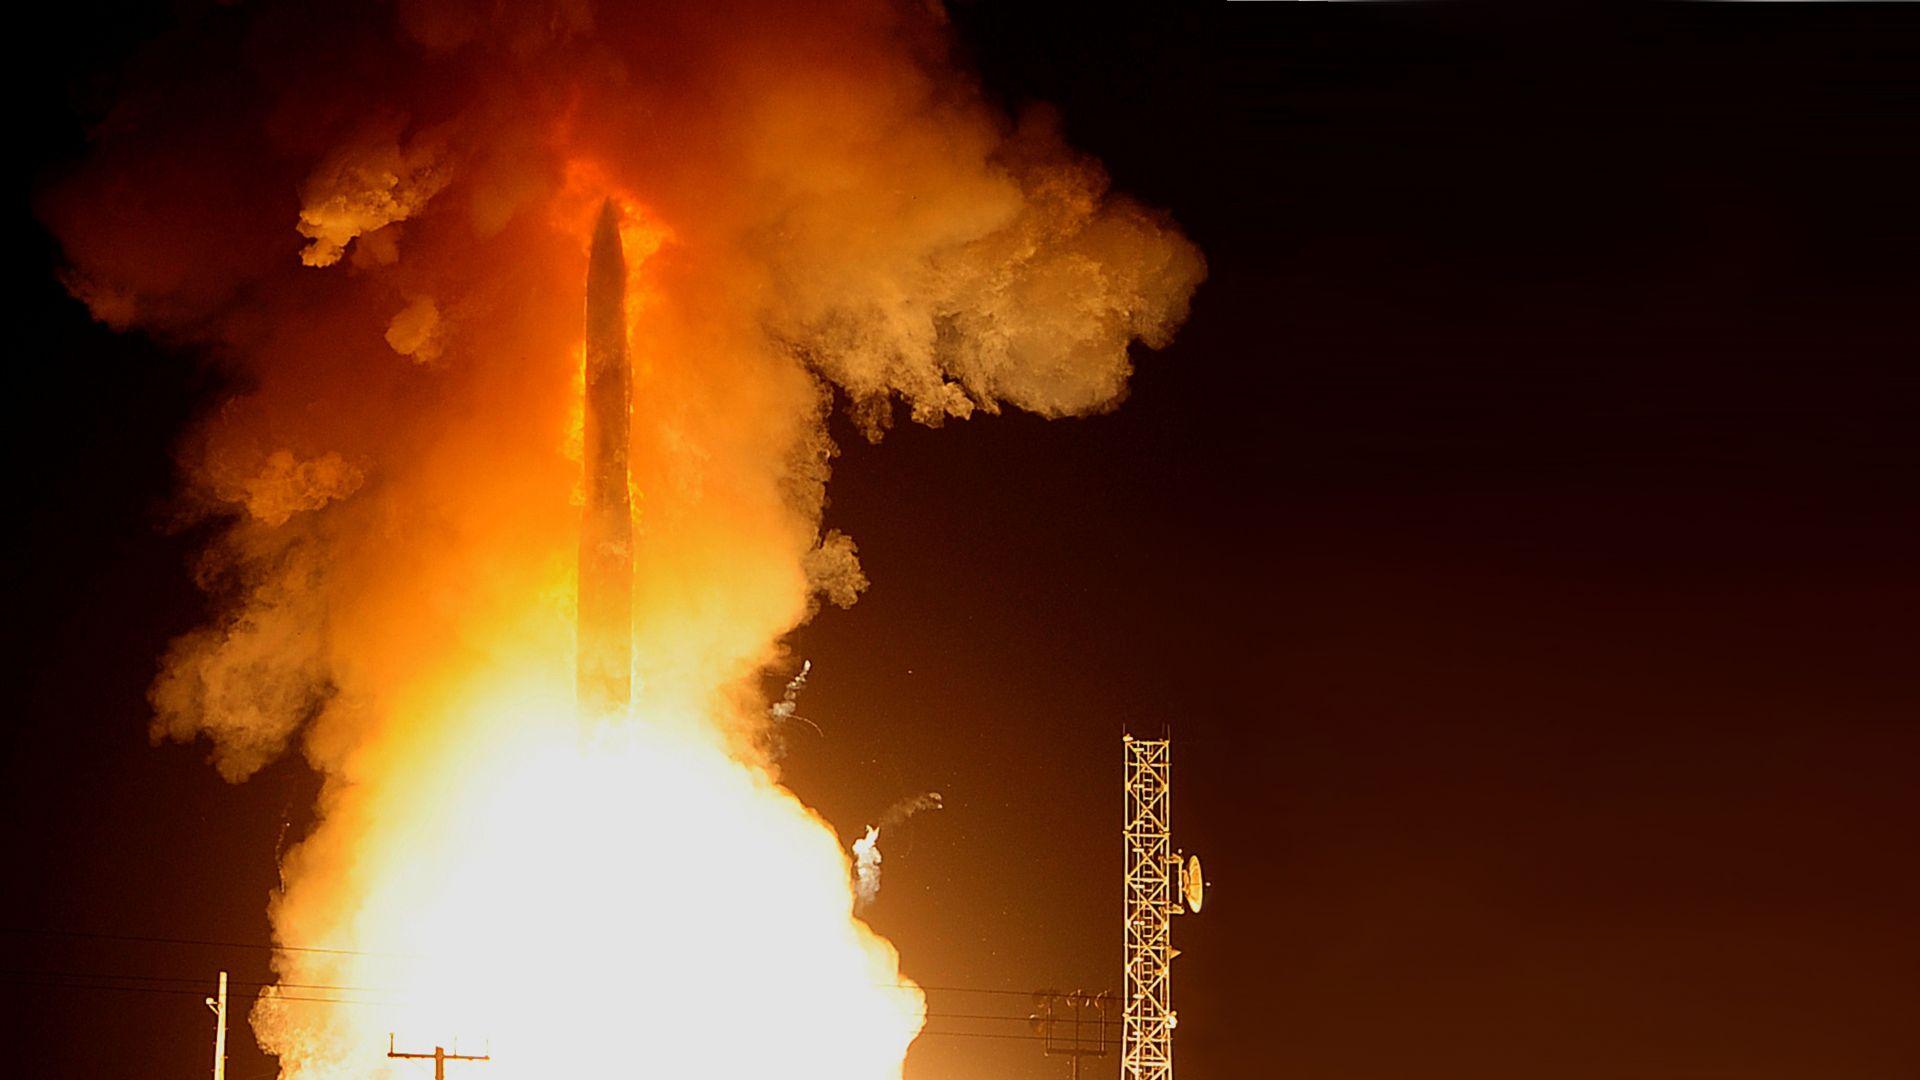 САЩ изстреляха балистична ракета